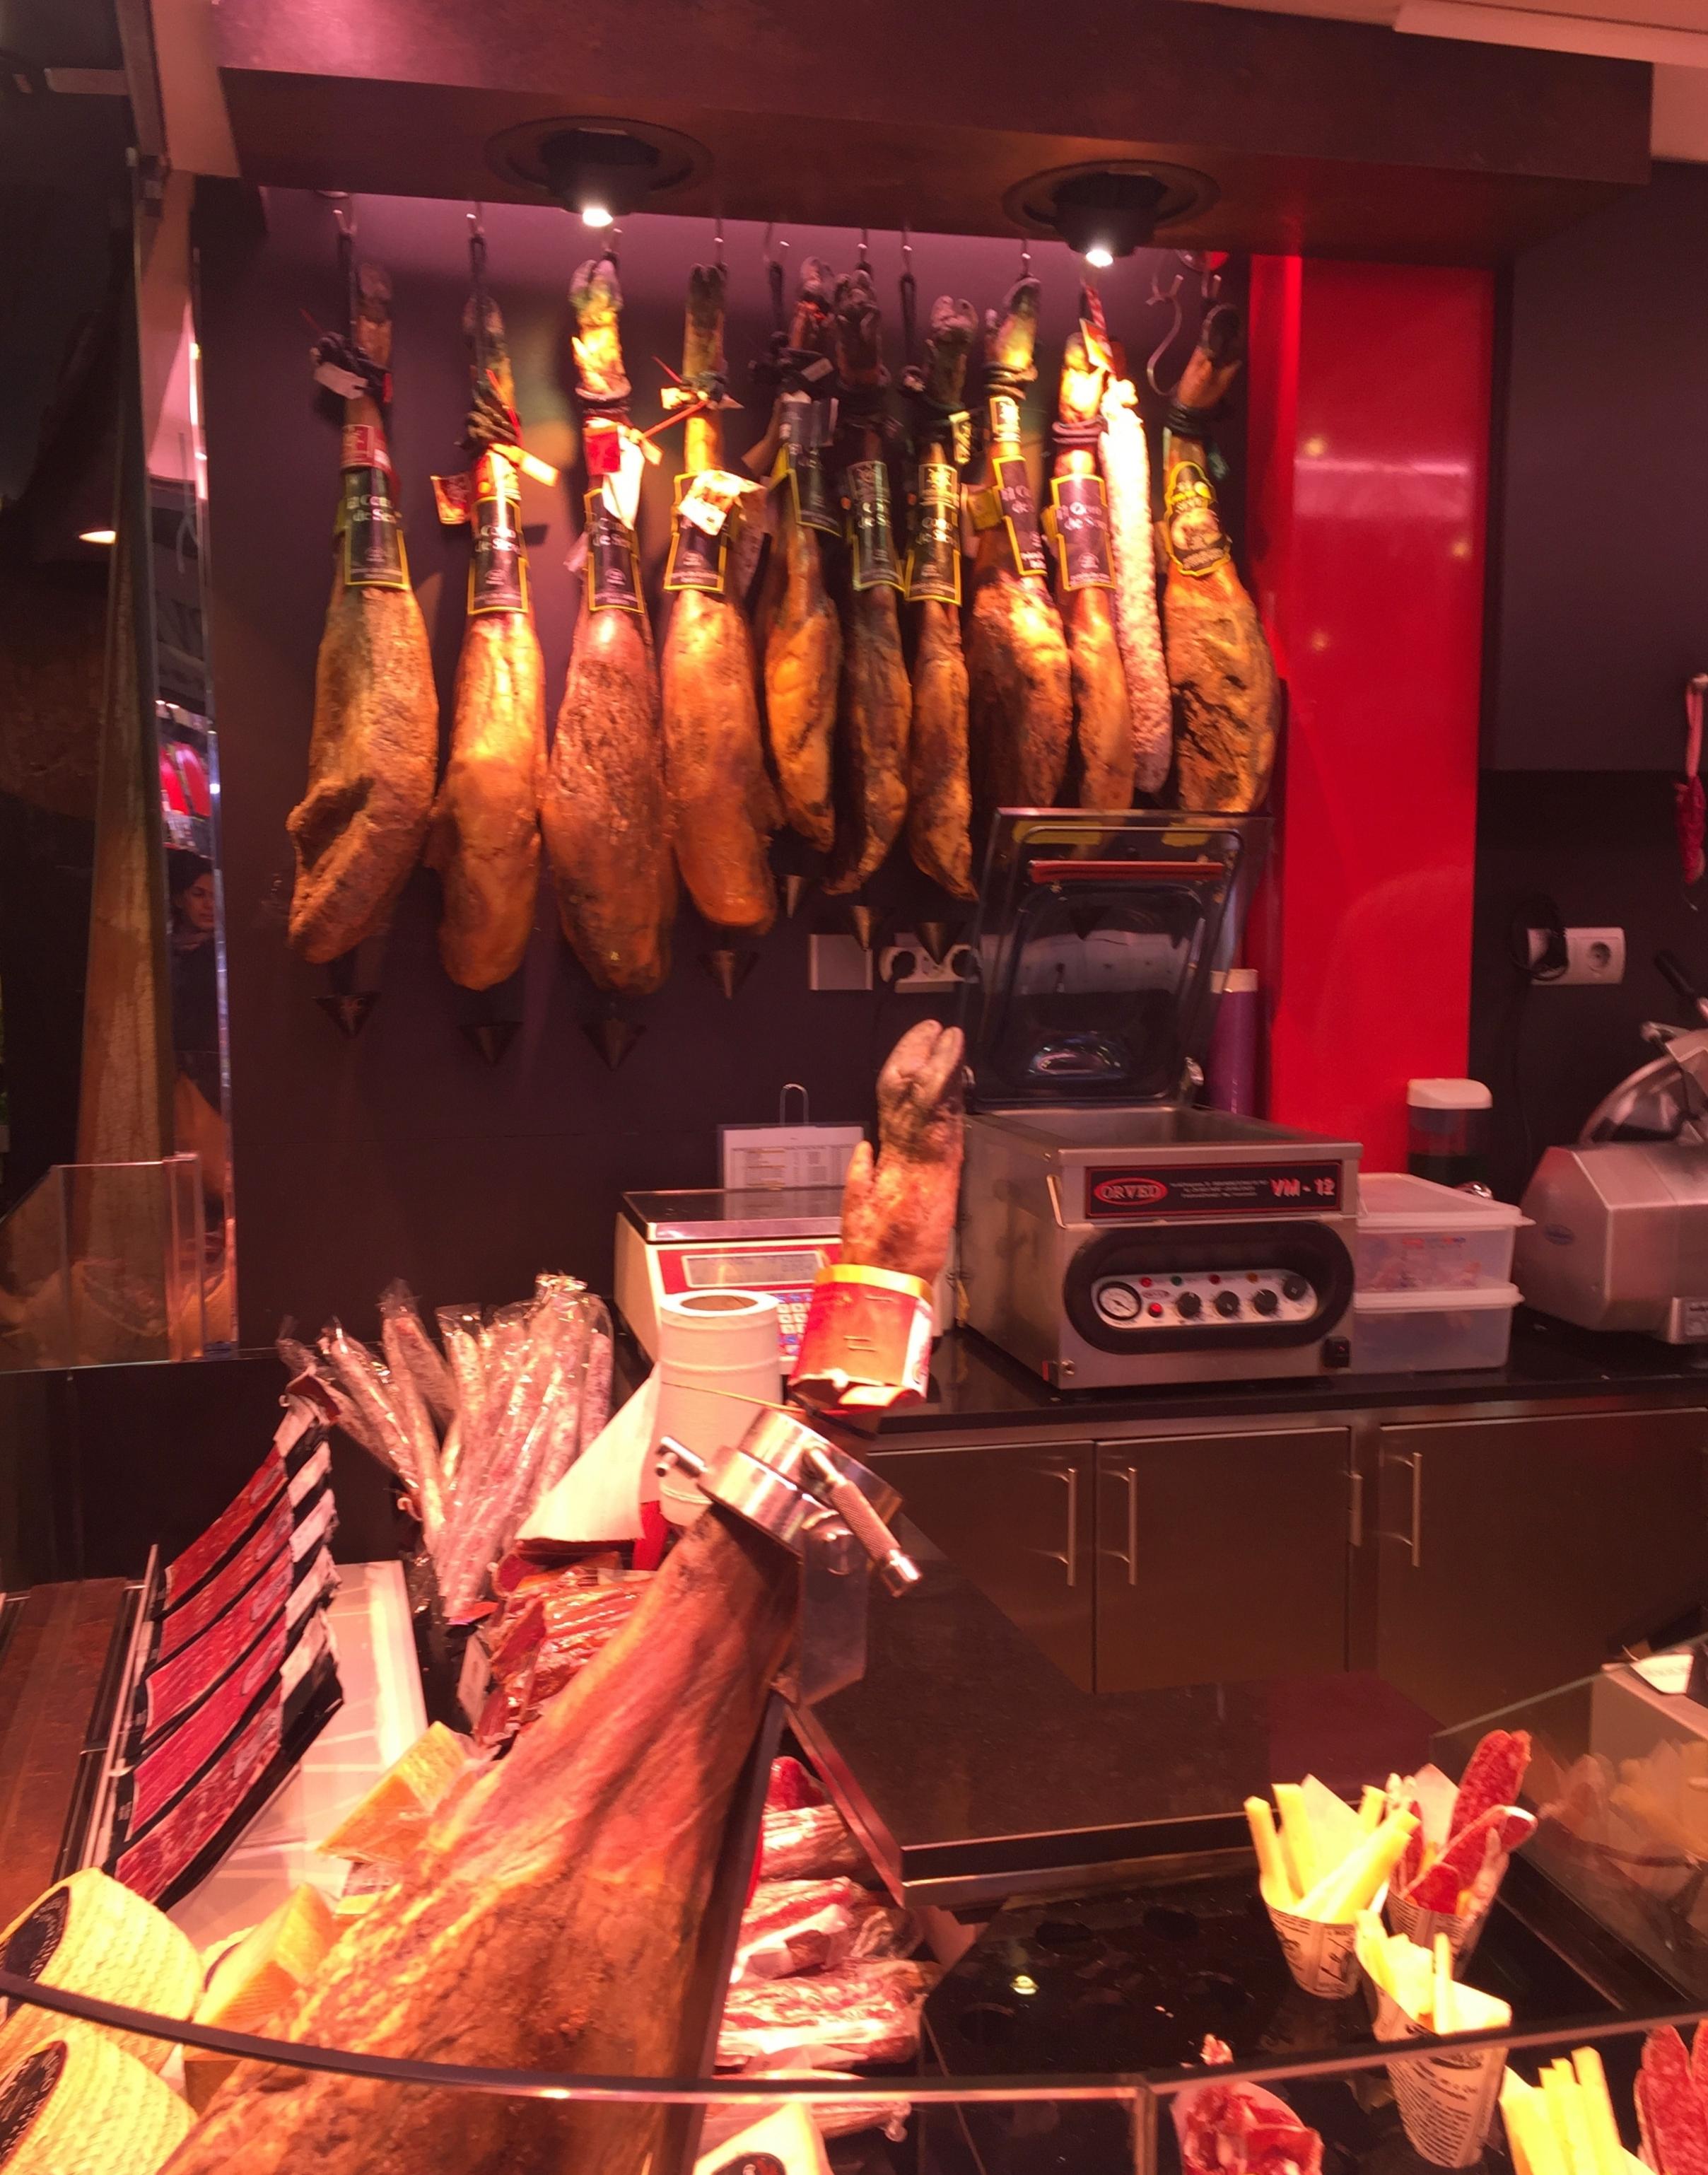 Food markets in Barcelona